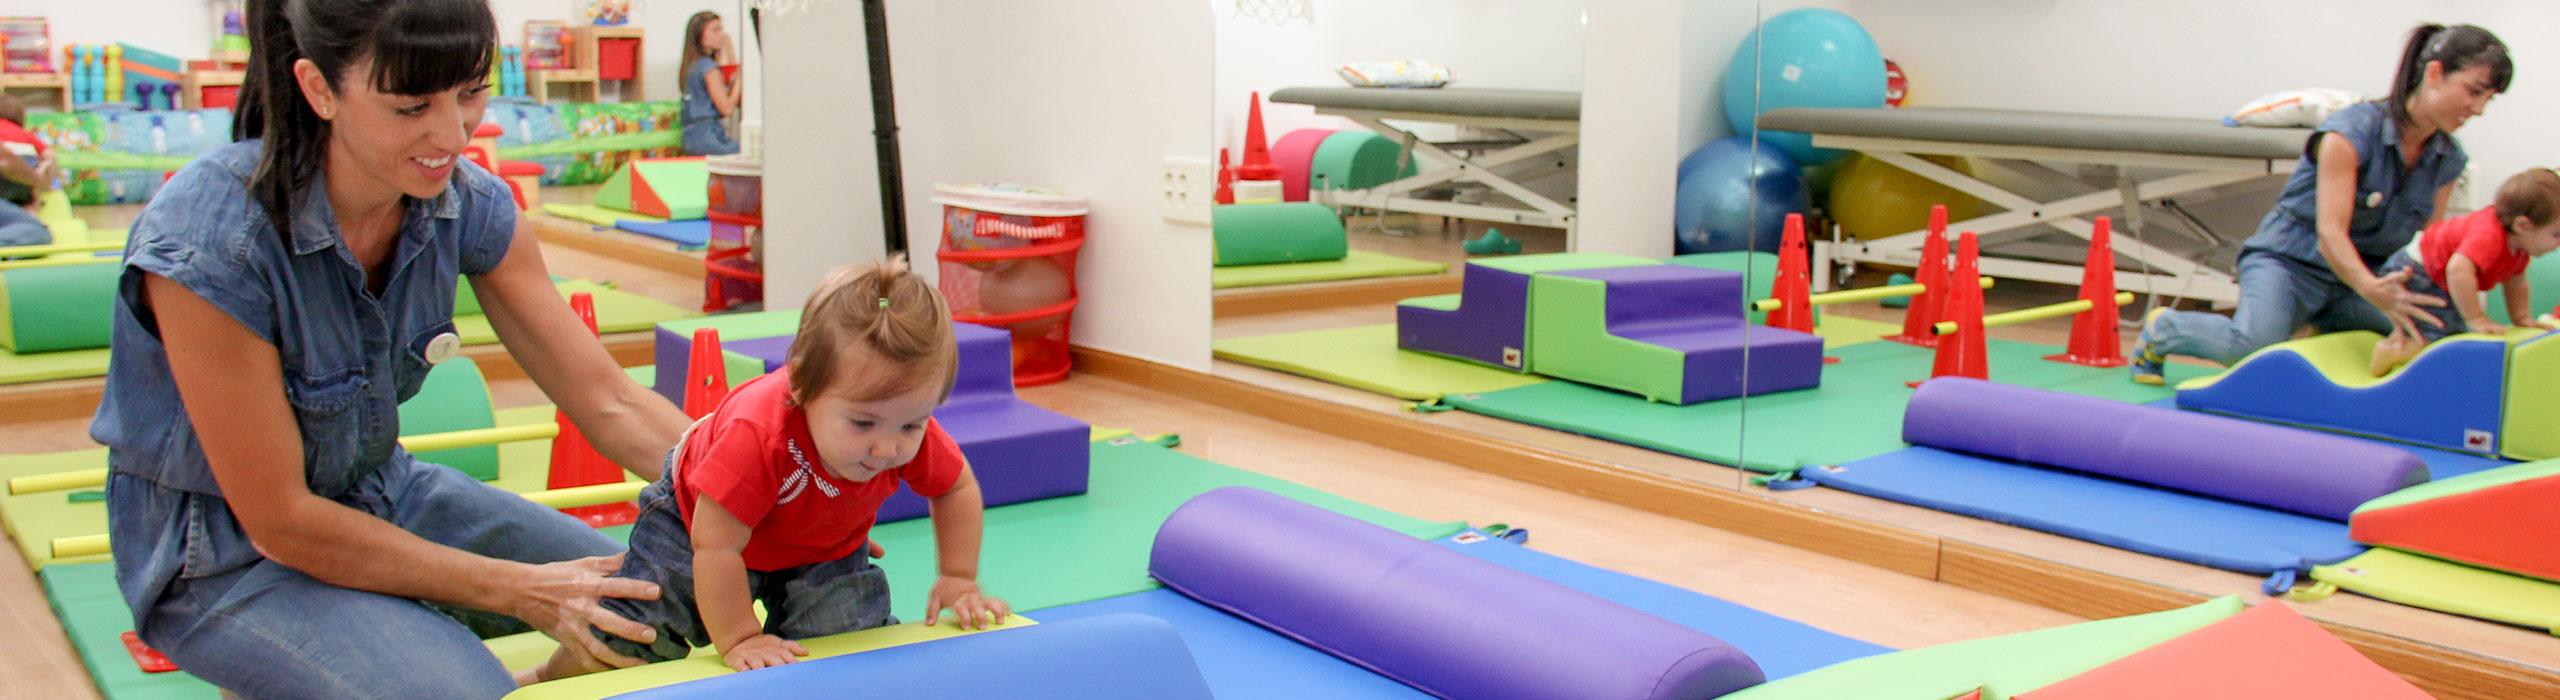 Juegos y materiales infantiles en EmMe Fisioterapia